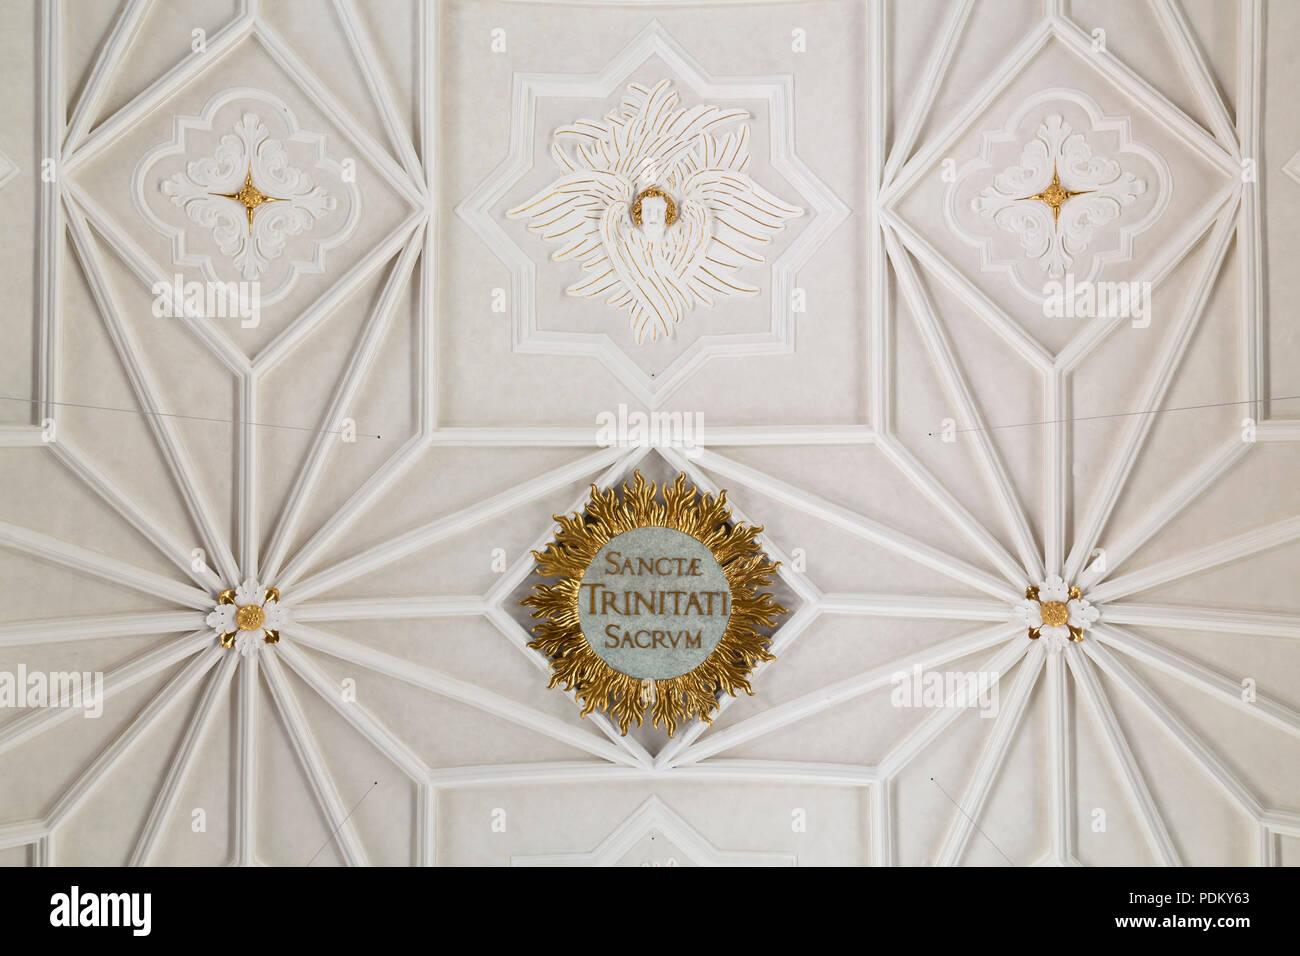 Gewölbe im Langhaus von Georg Vest - Stock Image